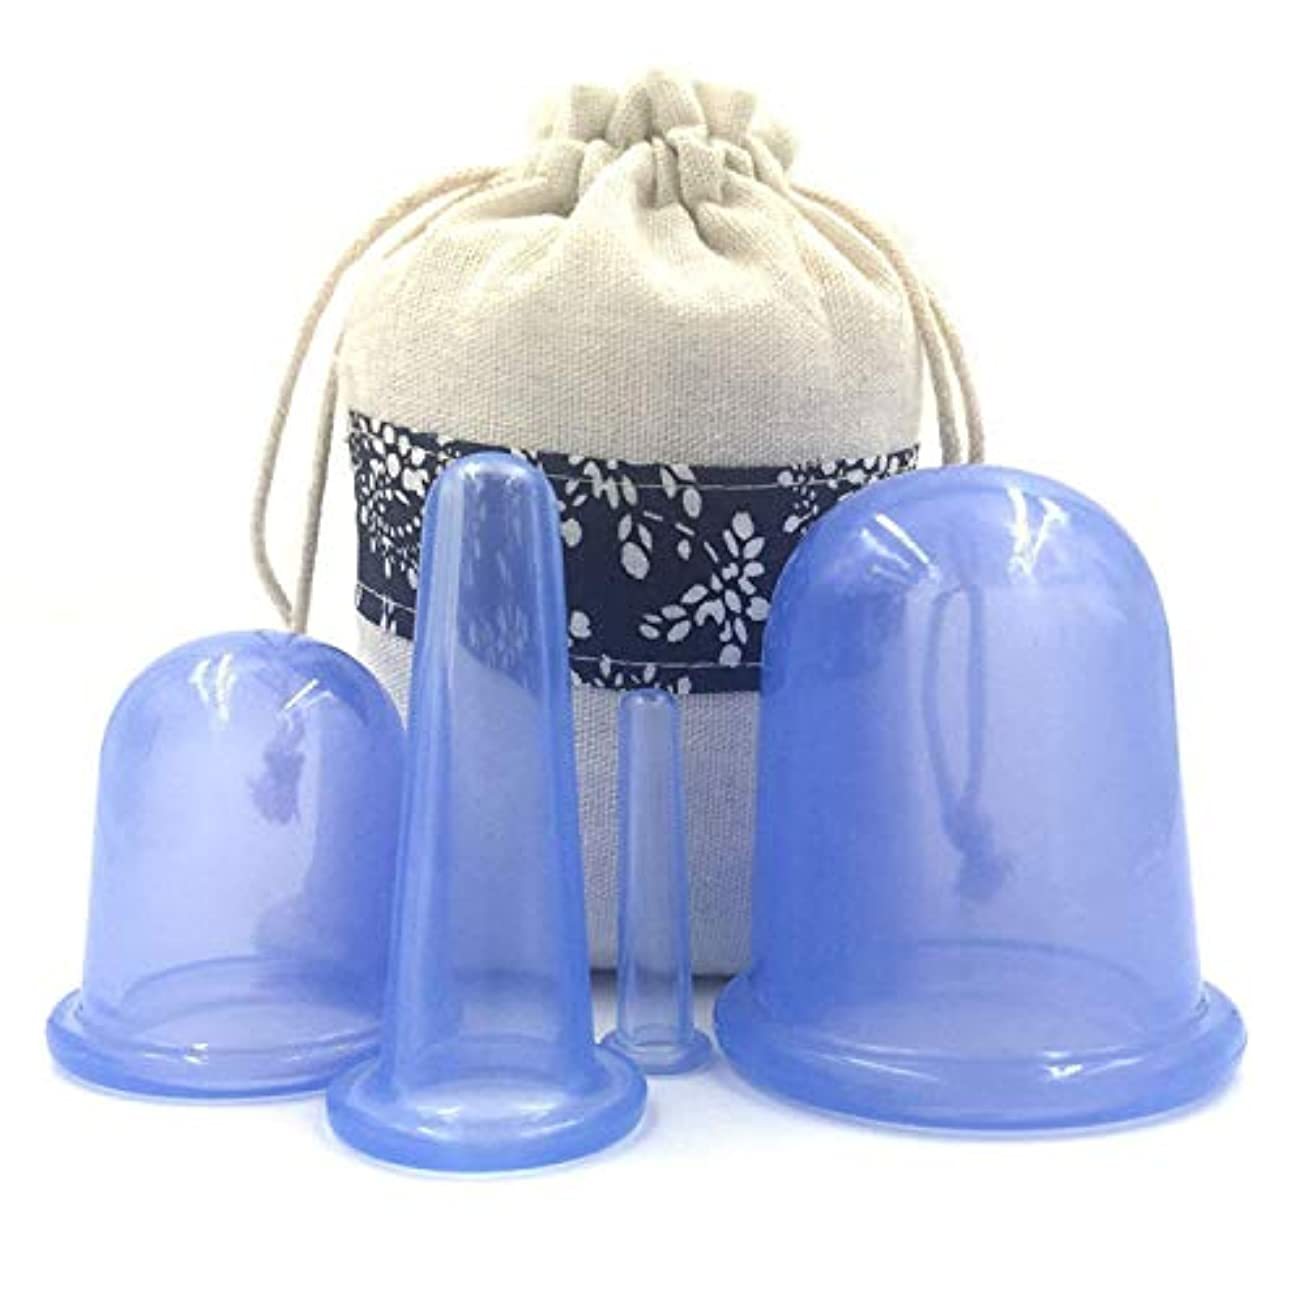 うなずく廃棄一部セルライトカッピング療法シリコーンカッピングセット家庭用水分カッピングカッピングマッサージカップ